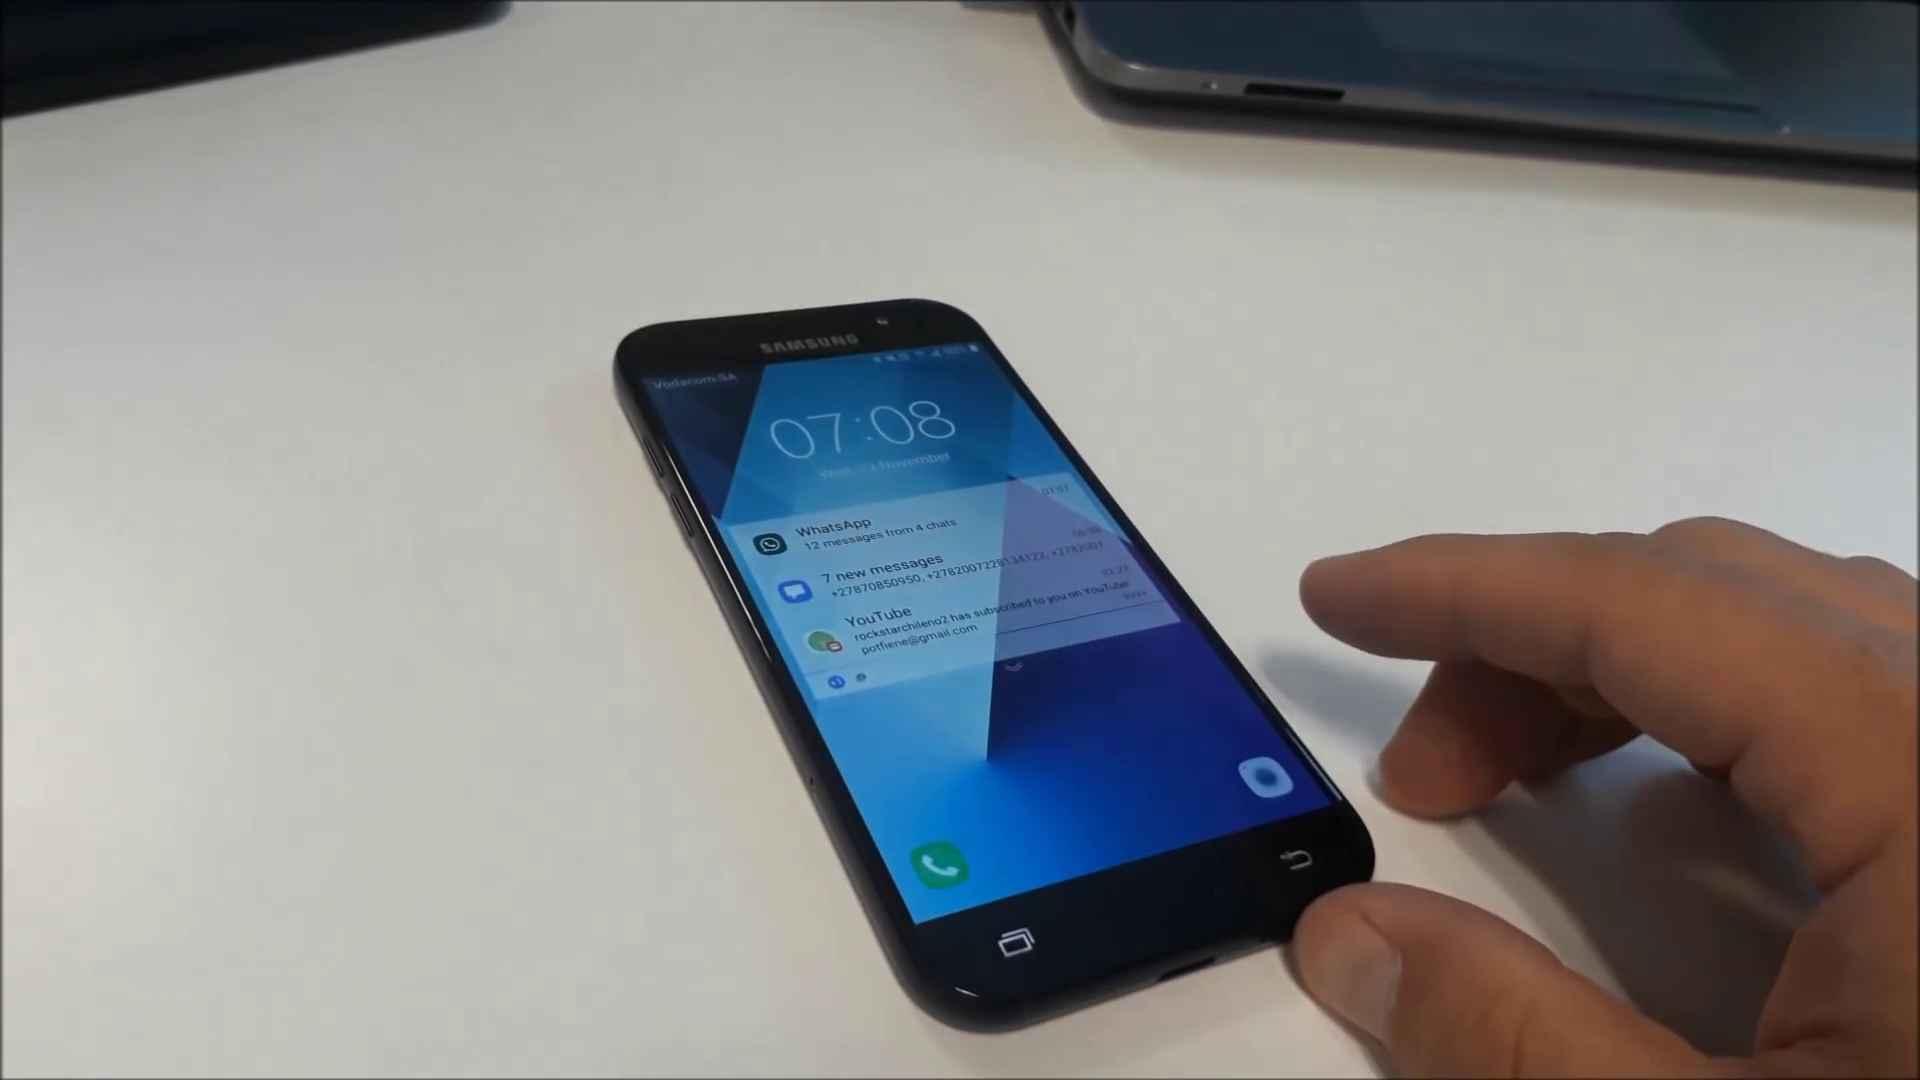 Samsung Galaxy A5 (2017) : on sait tout de lui grâce à une vidéo YouTube